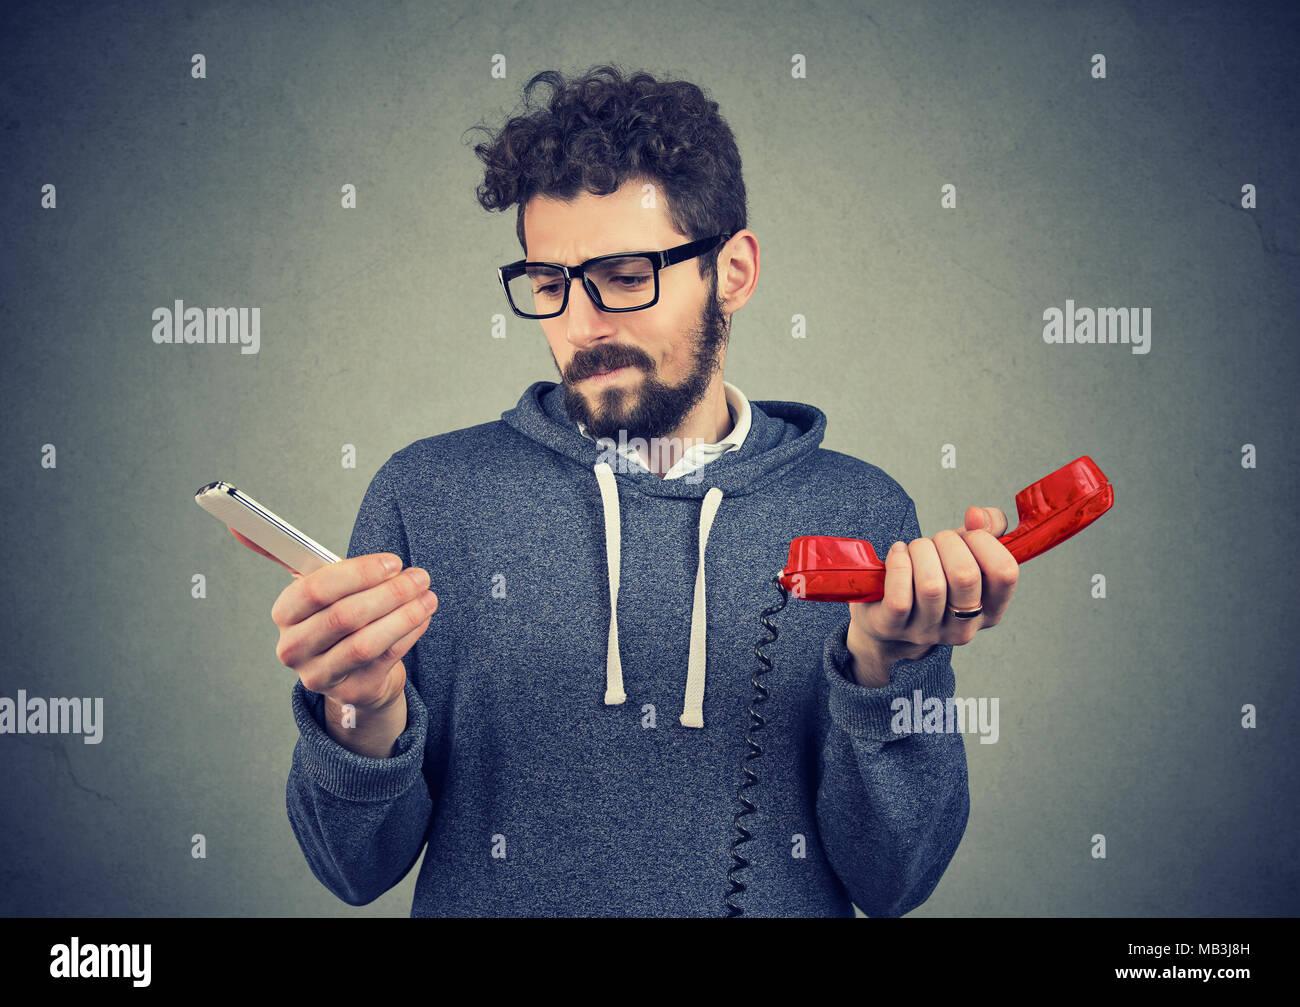 Jeune homme hipster à nous interroger au sujet des gadgets à l'ancienne et contemporaine. Photo Stock